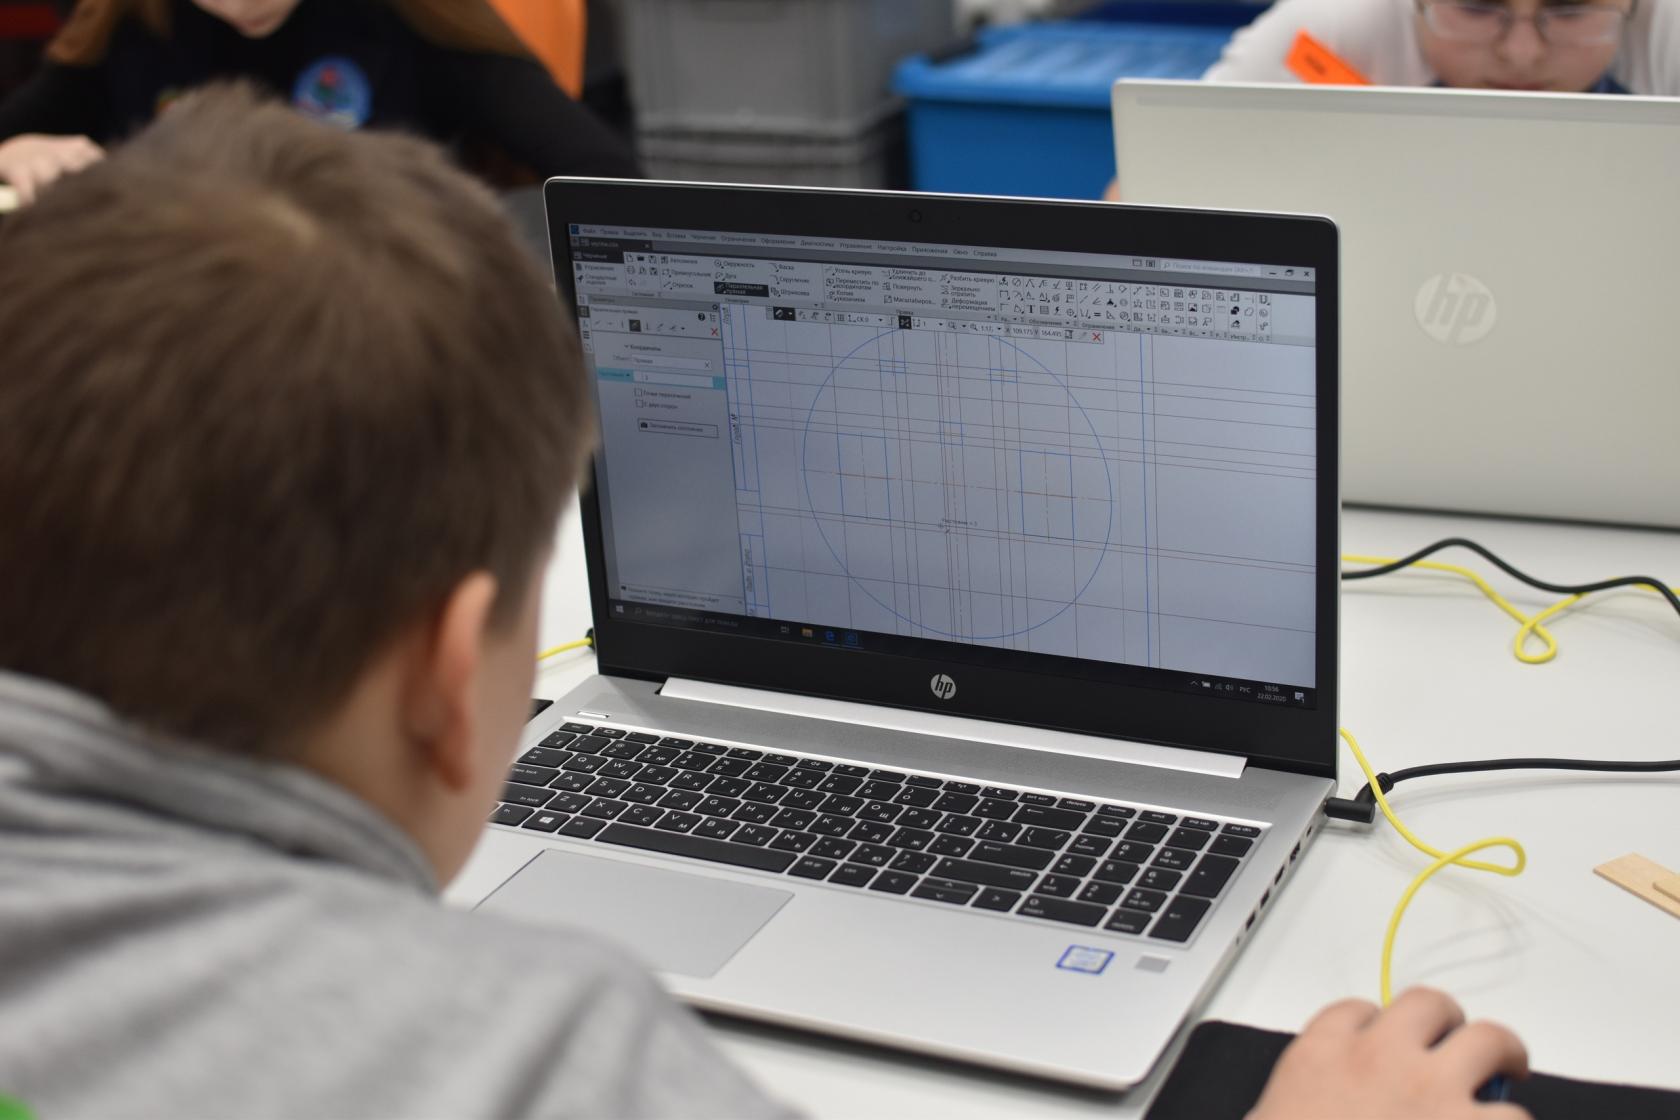 Будущие инженеры и аграрии могут получить дополнительное образование в дистанционных школах